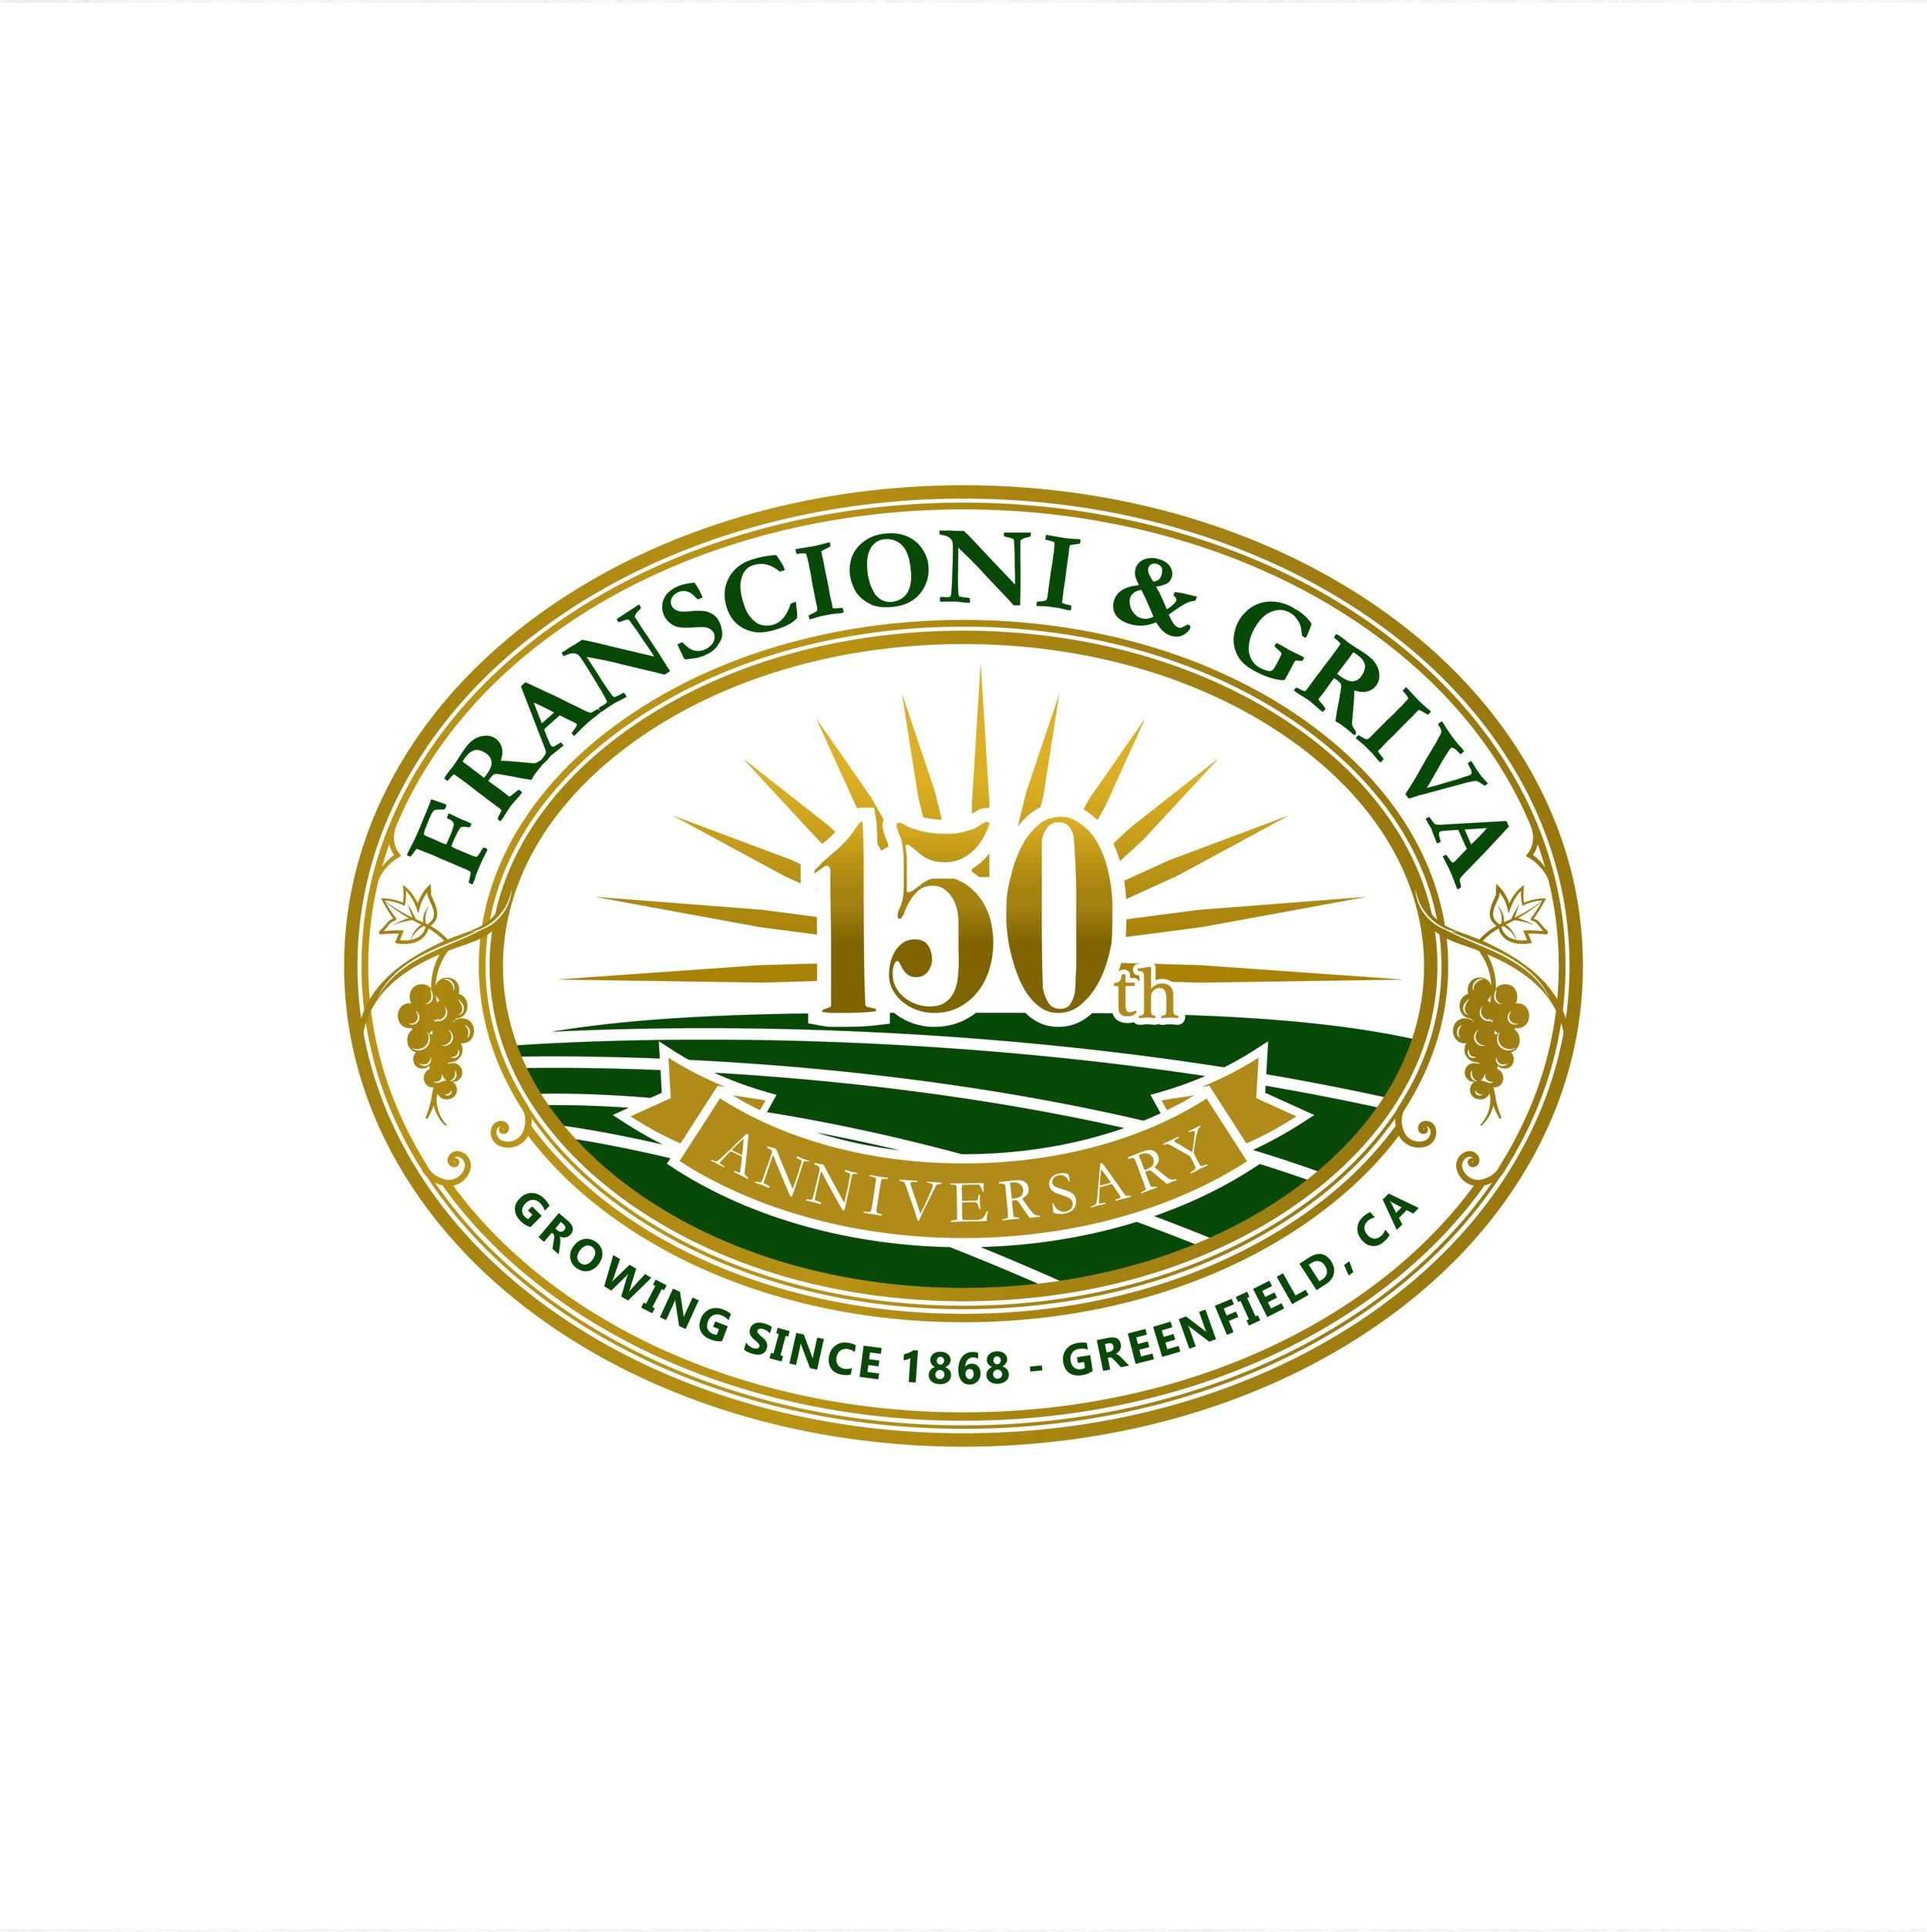 Anniversary Logo.JPG